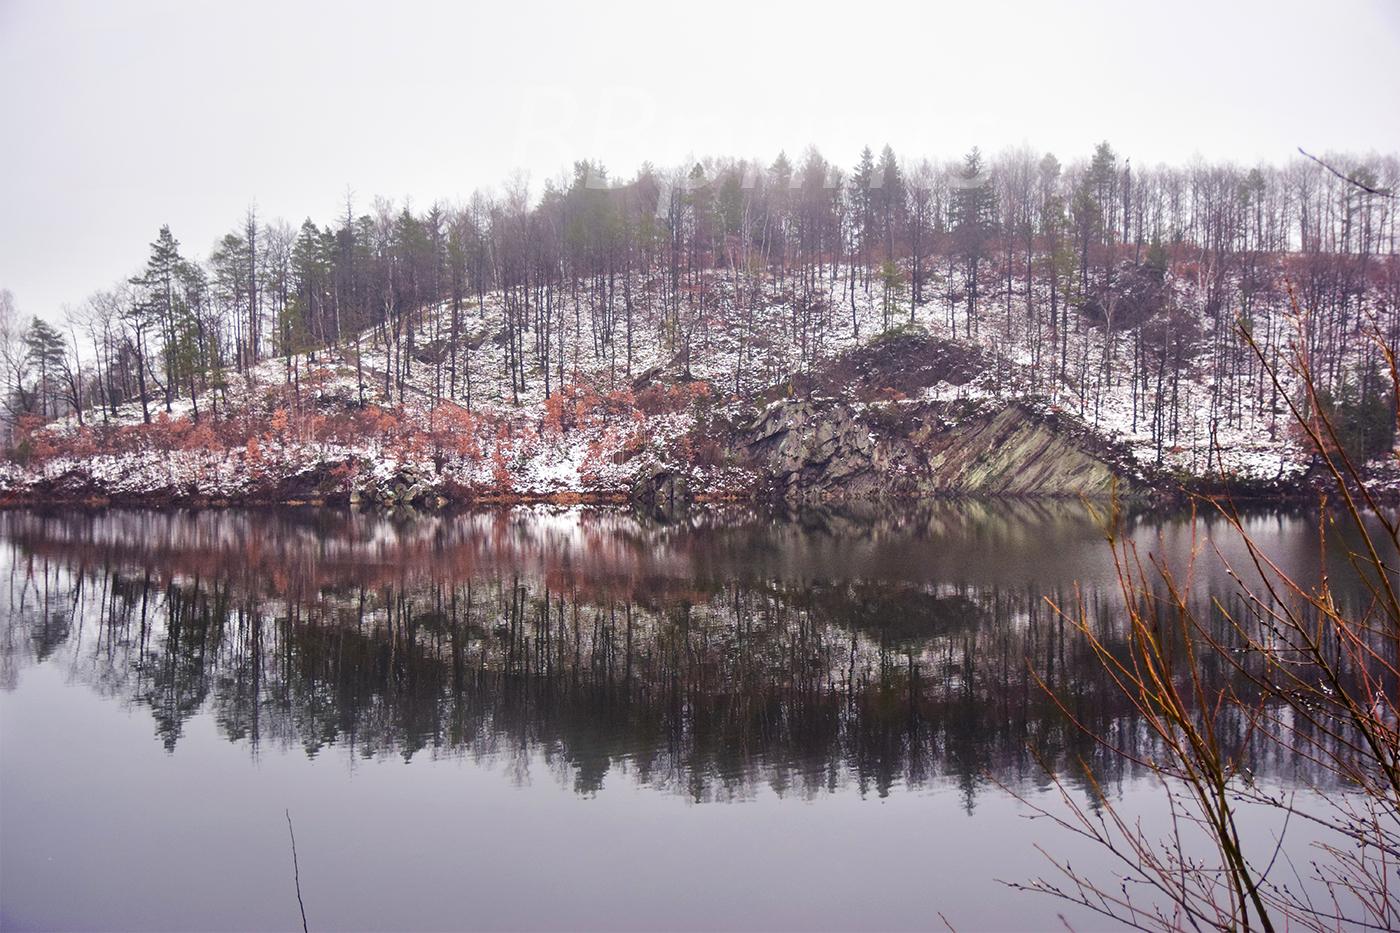 Nature photo, landscape photo, lake photo, winter photo example image 1